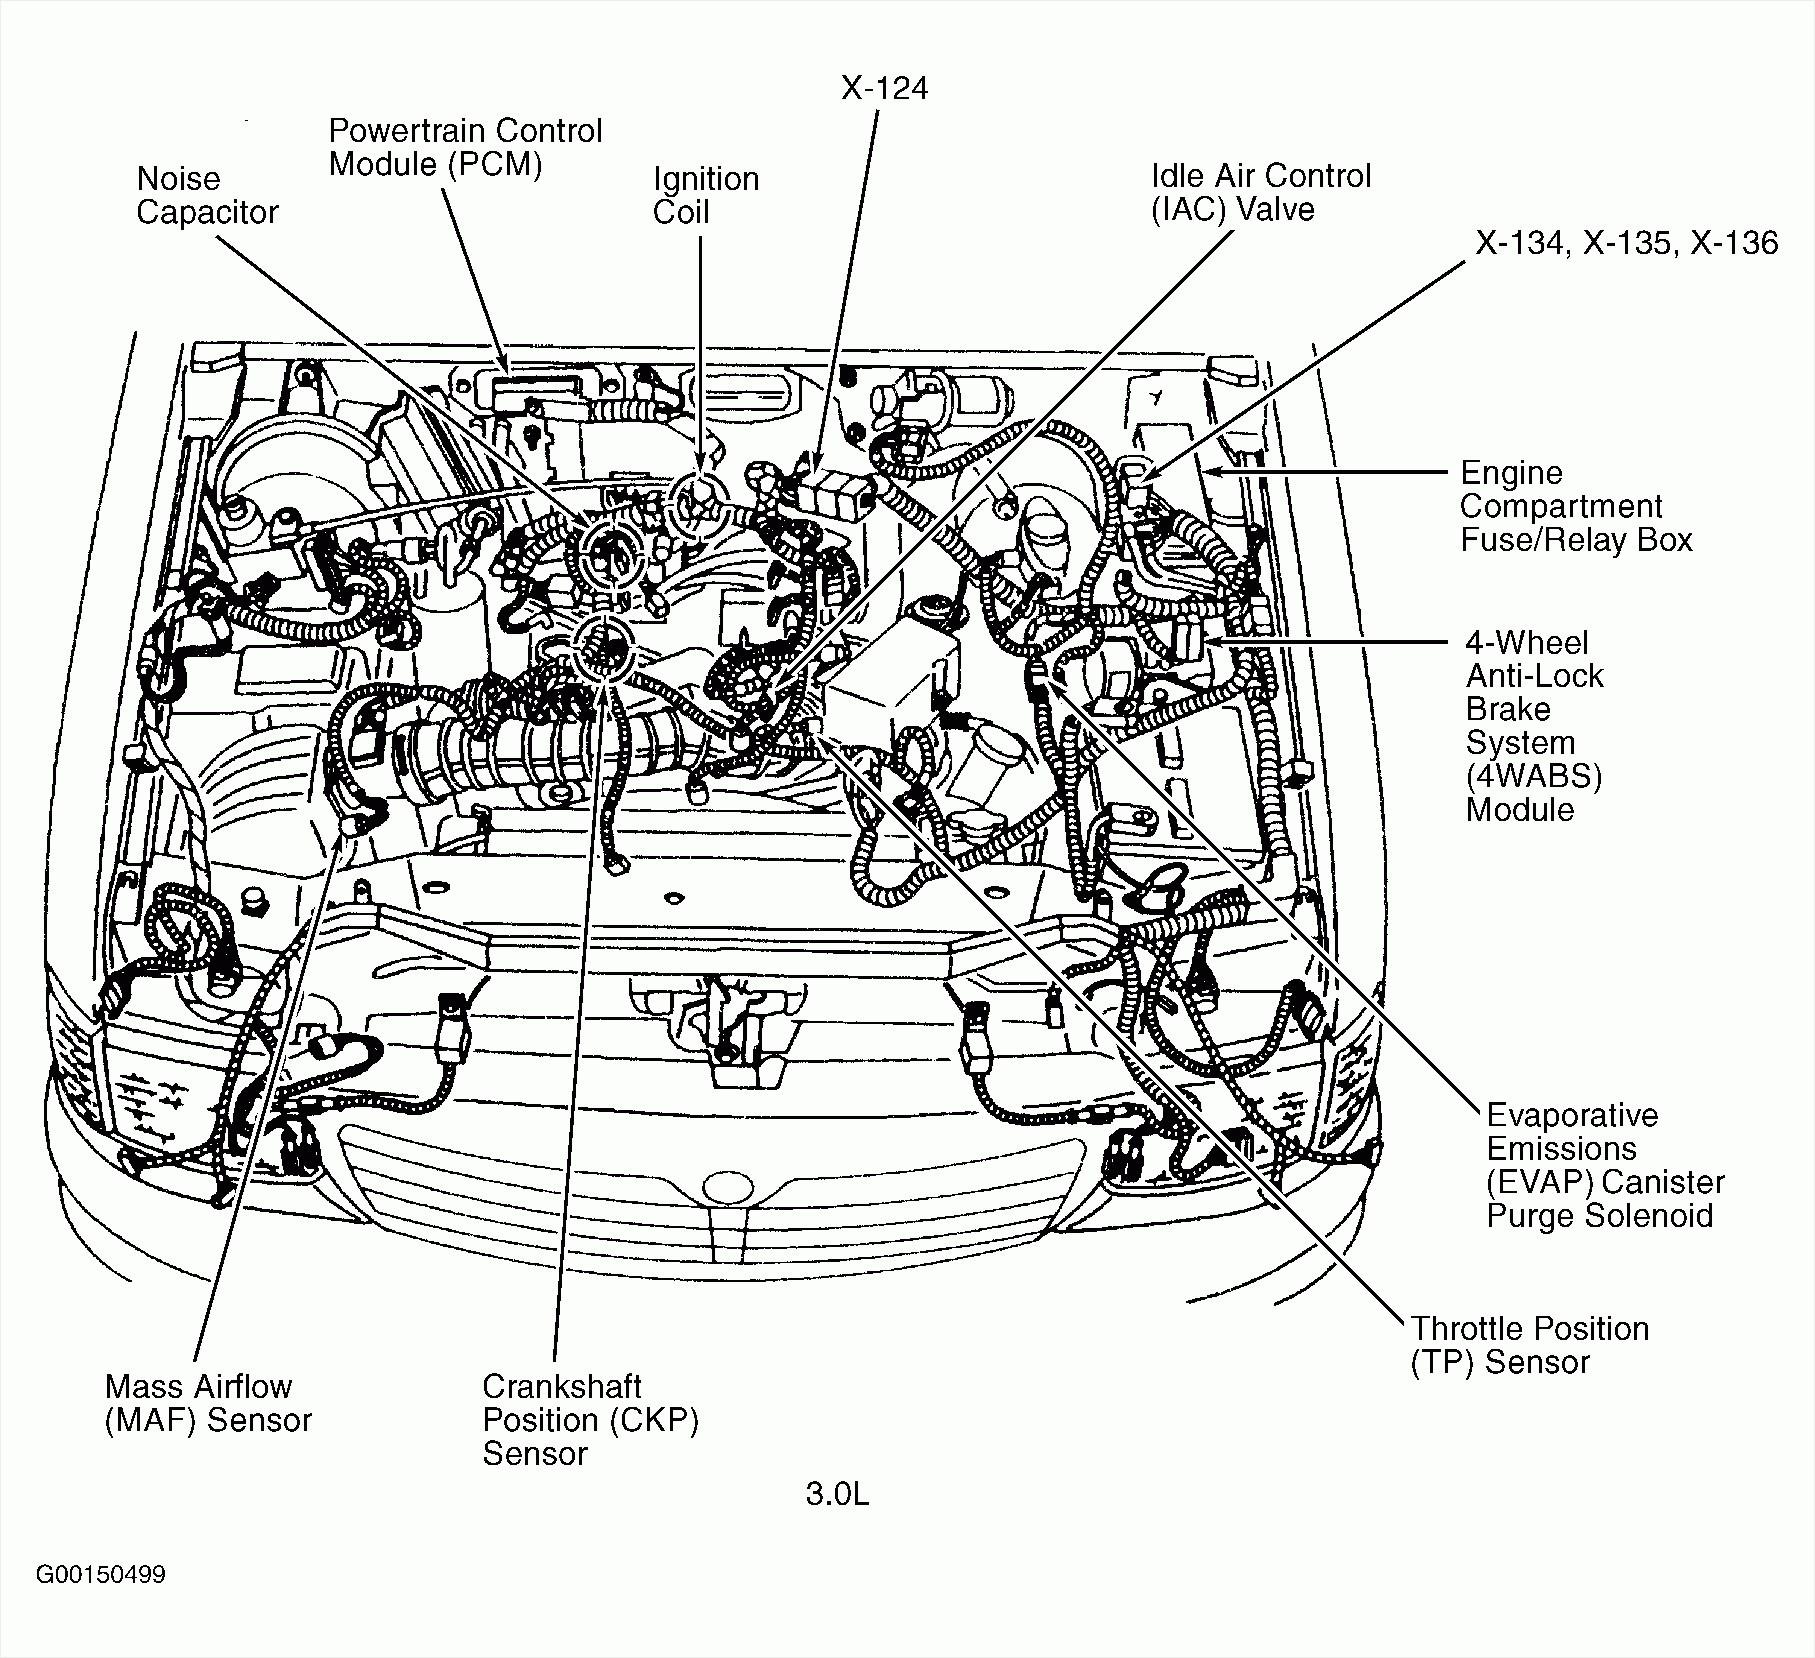 95 ford ranger alternator wiring diagram